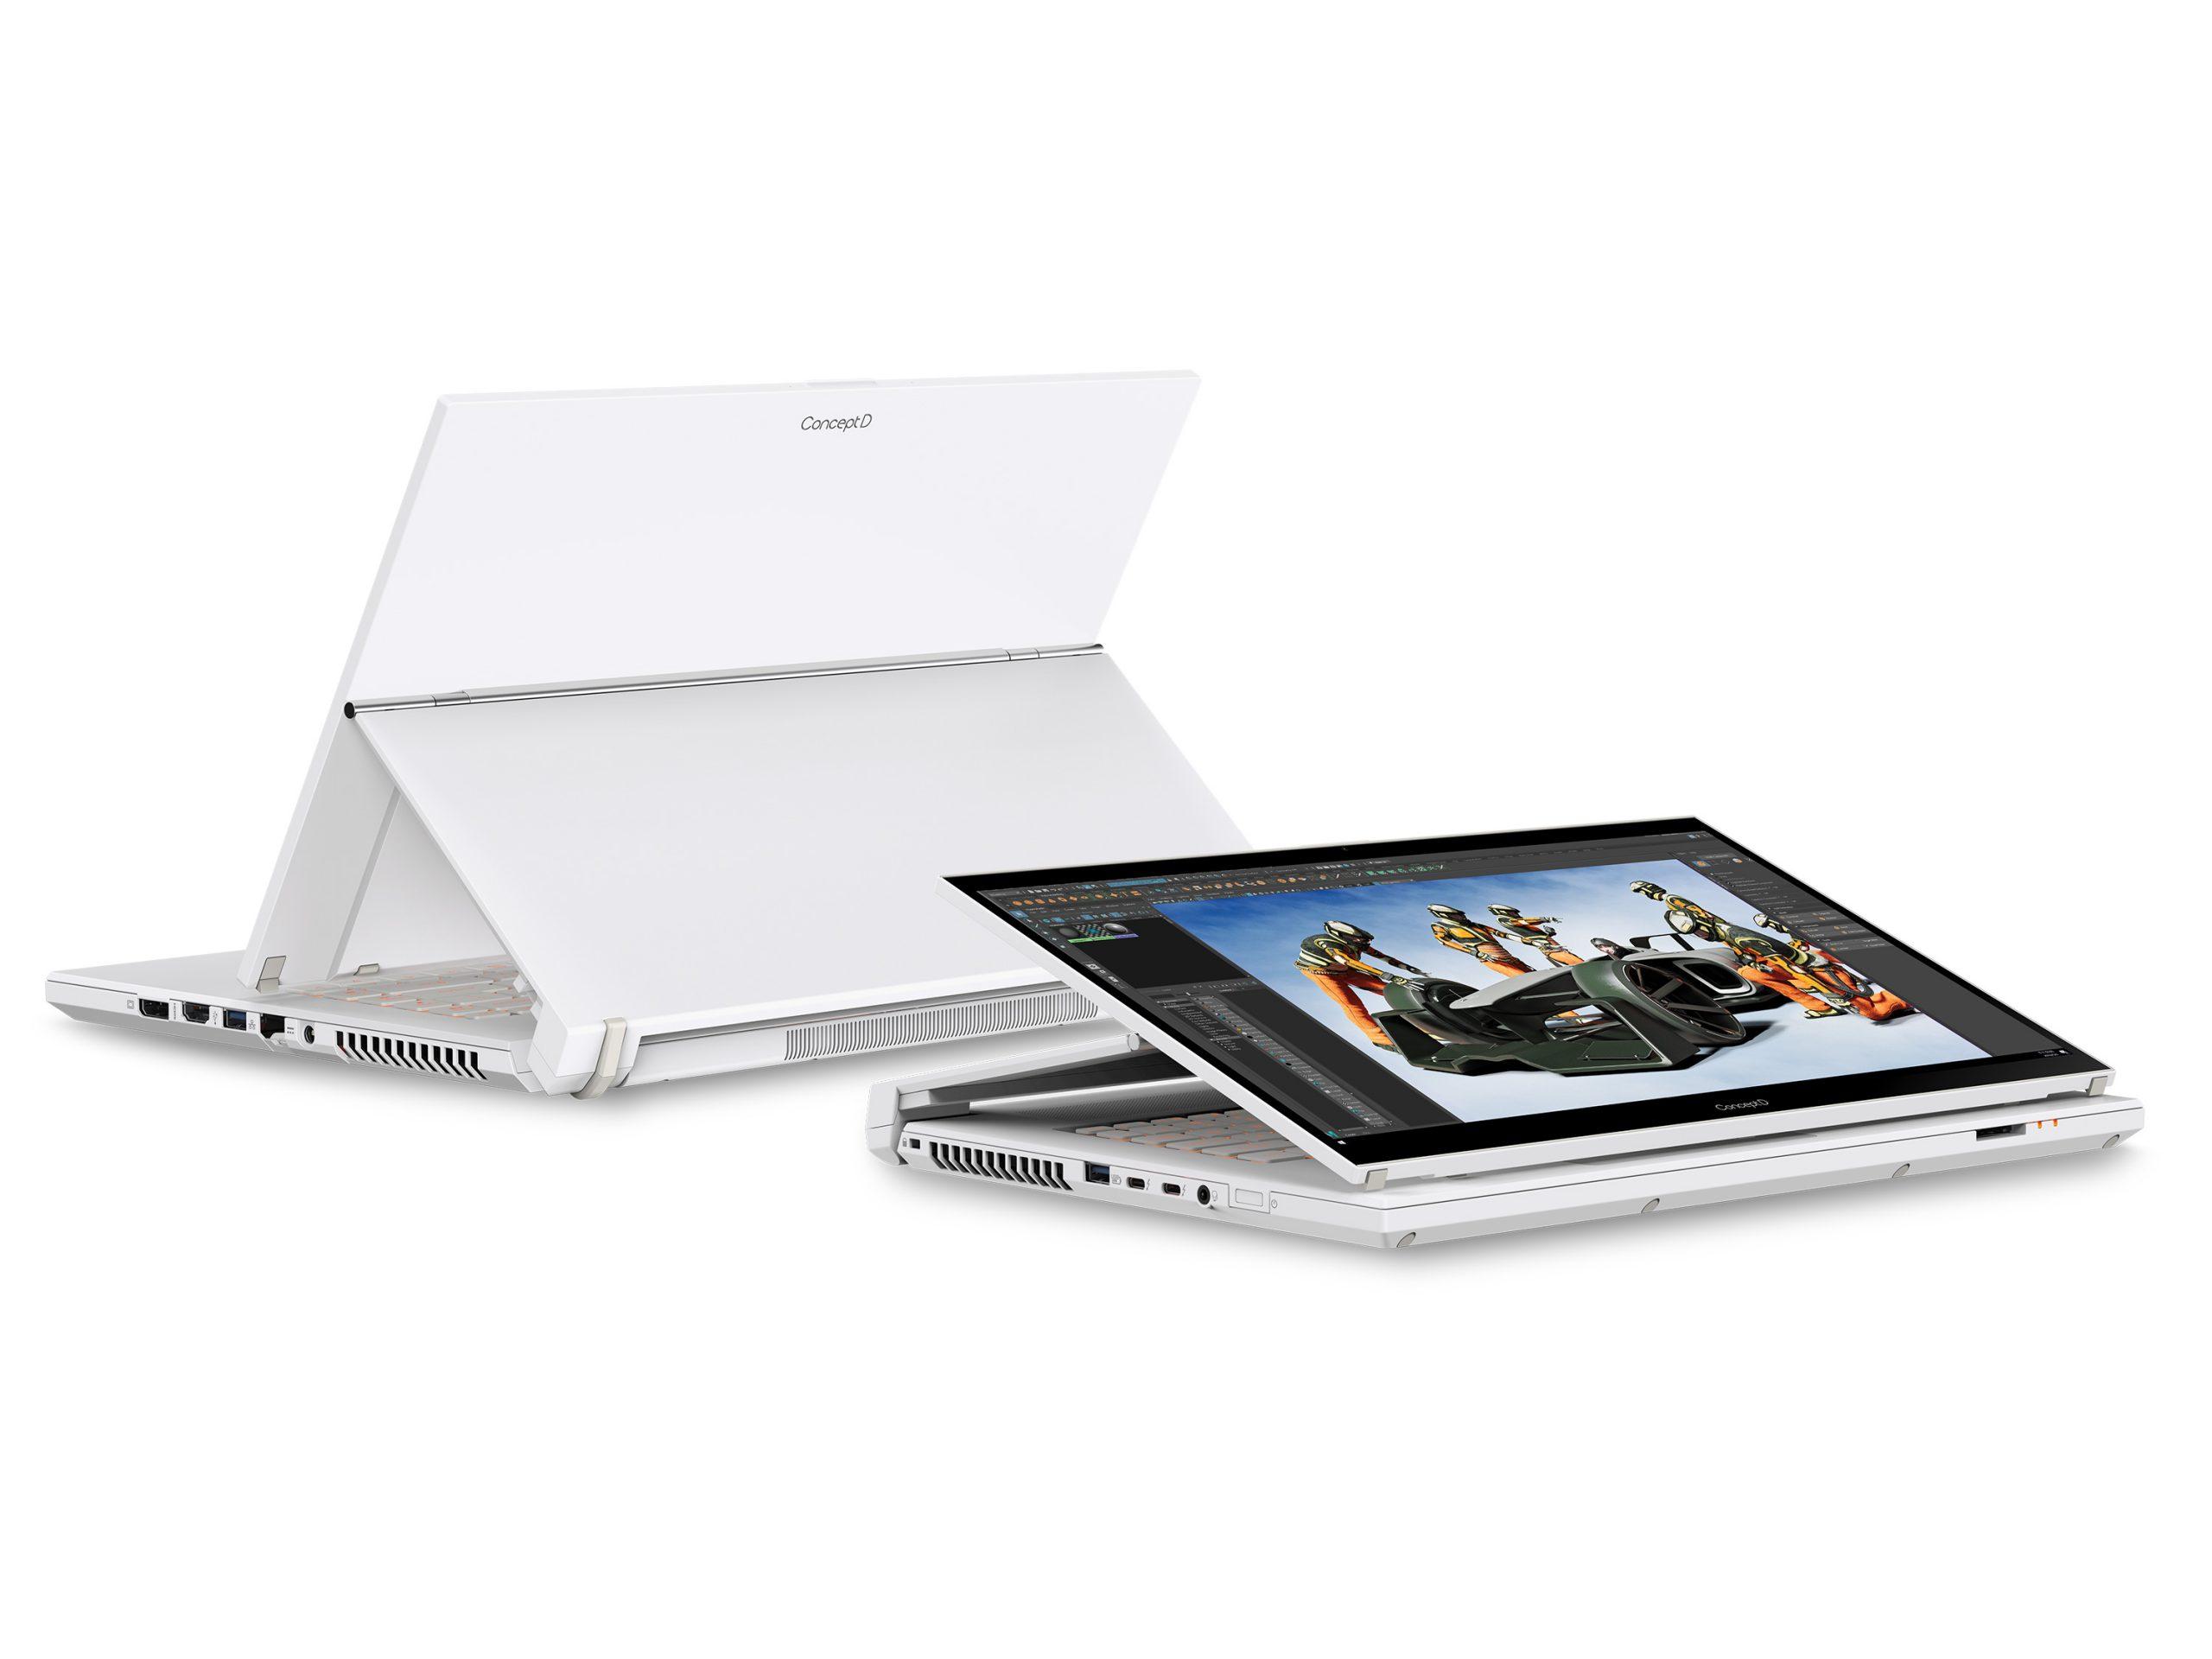 Foto de Acer: Las nuevas ConceptD son más potentes, gracias al nuevo procesador de Intel y al GPU de NVIDIA RTX